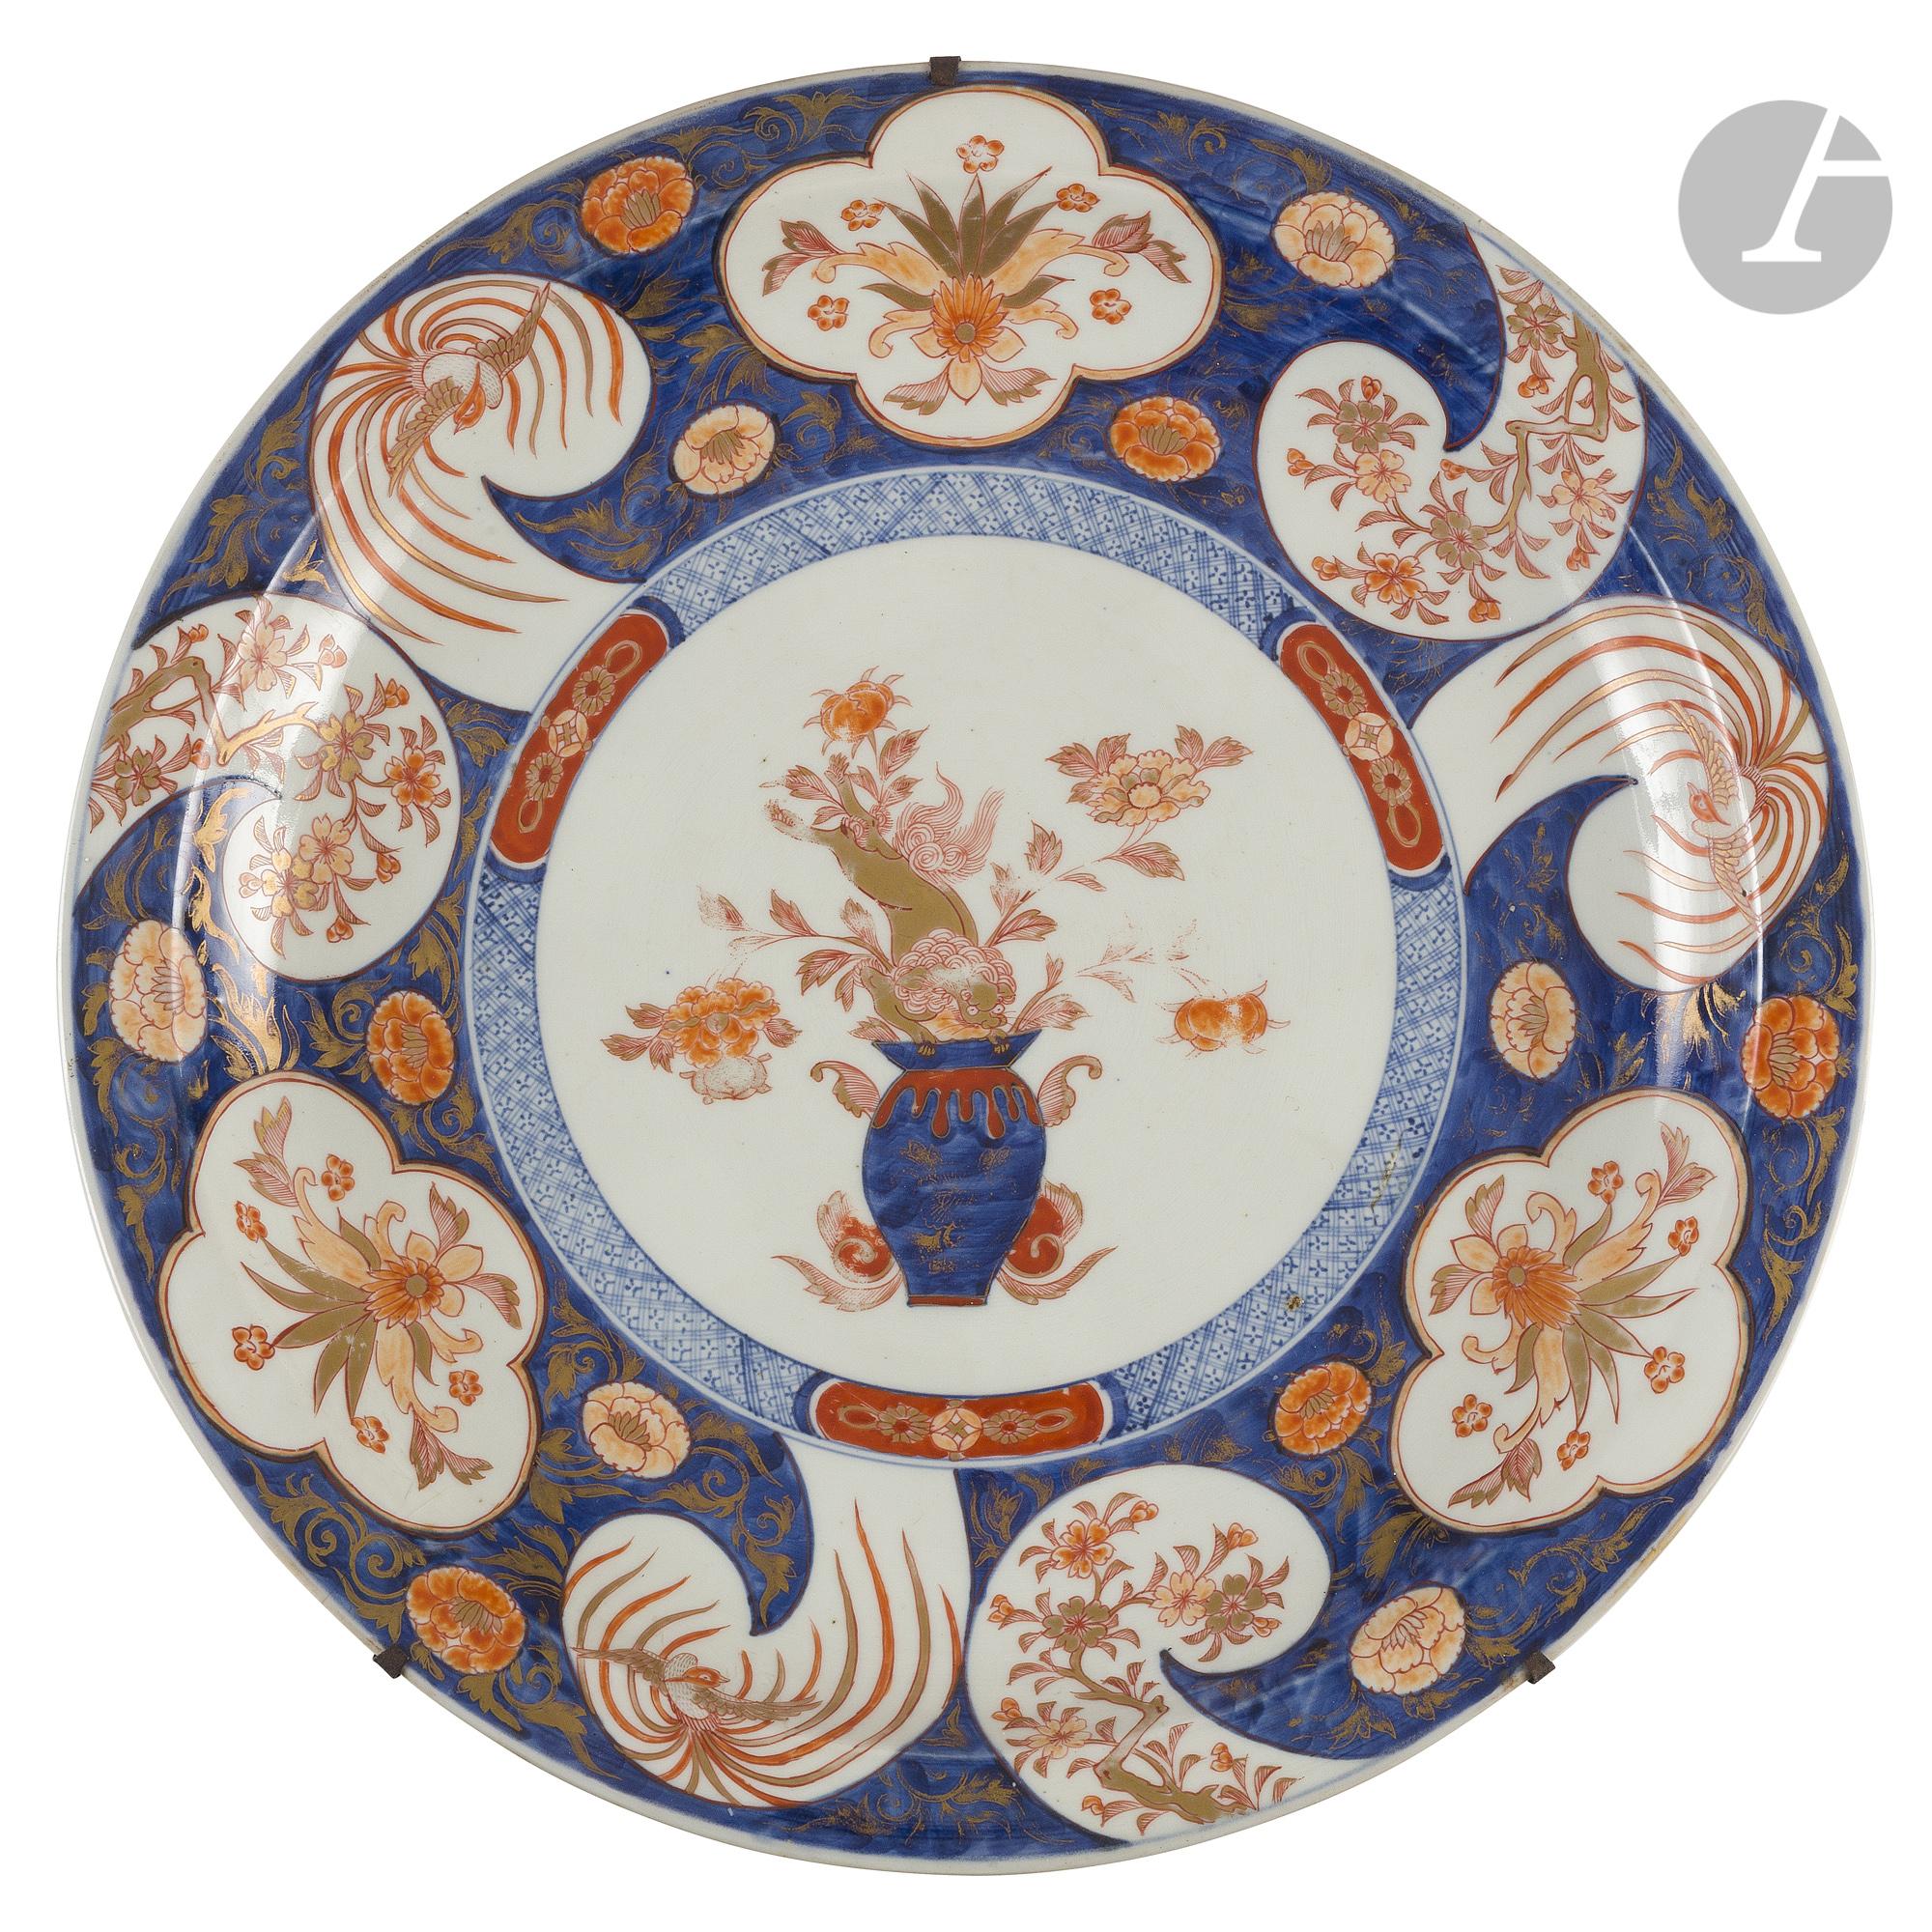 CHINE - Époque KANGXI (1662 - 1722) Plat rond en porcelaine émaillée polychrome dans le style